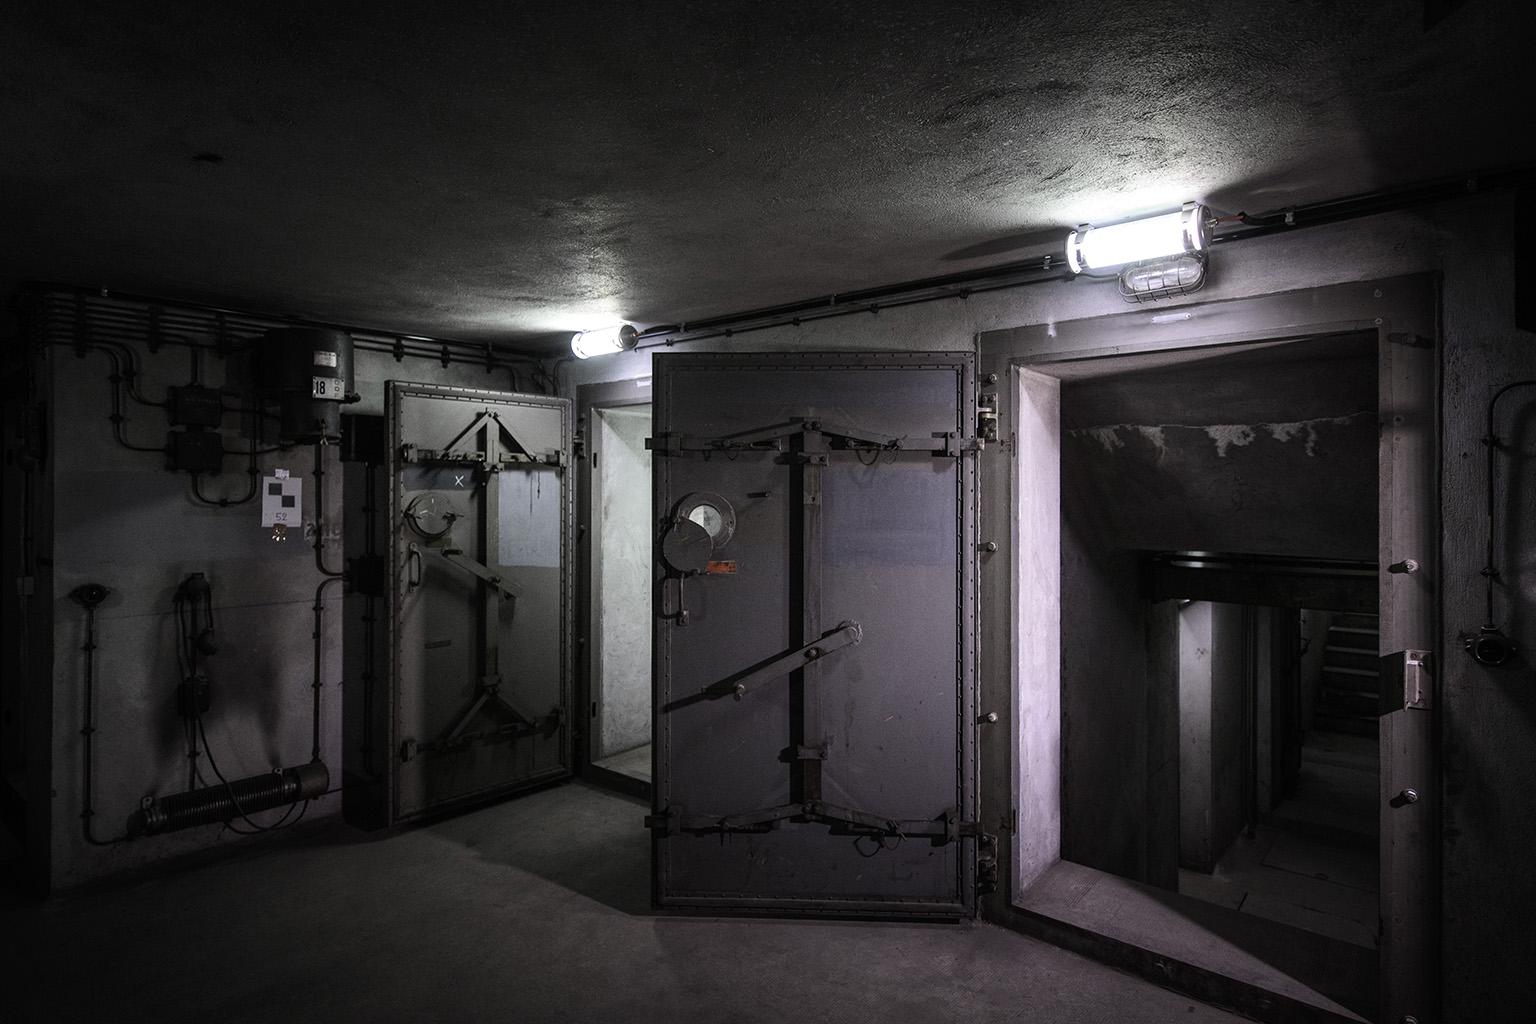 paris bunker gare urbex - Urbex : à la découverte de 10 lieux parisiens insolites [5→10]